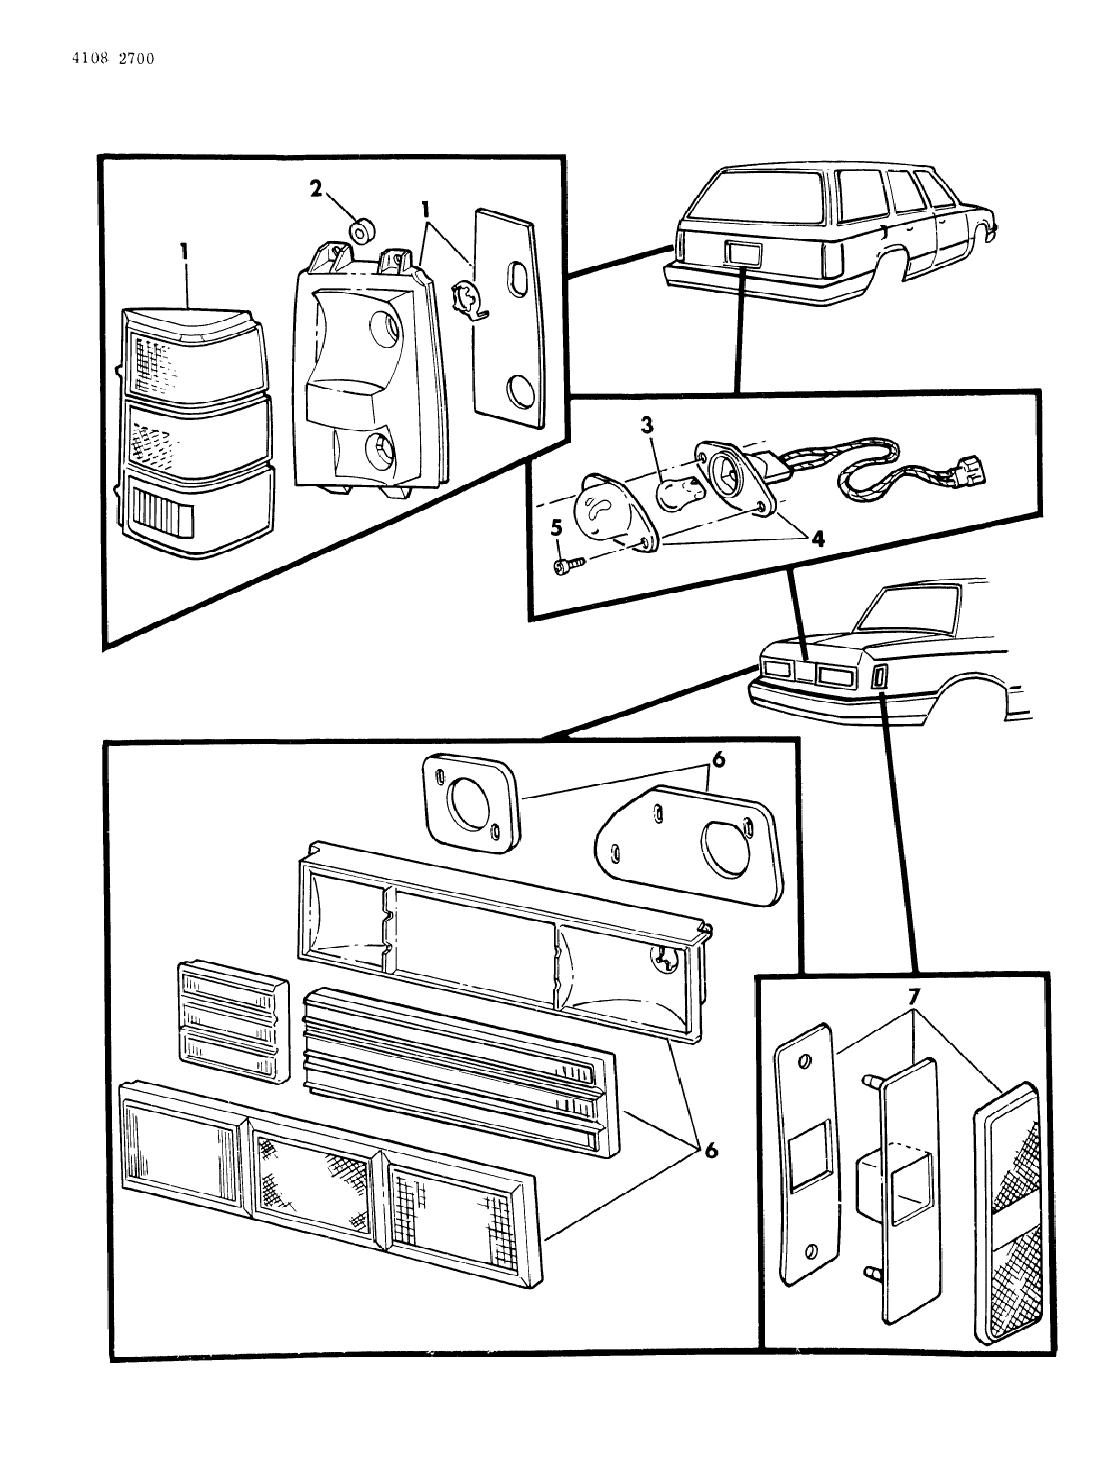 [WRG-2570] Dodge Aries Wiring Diagram